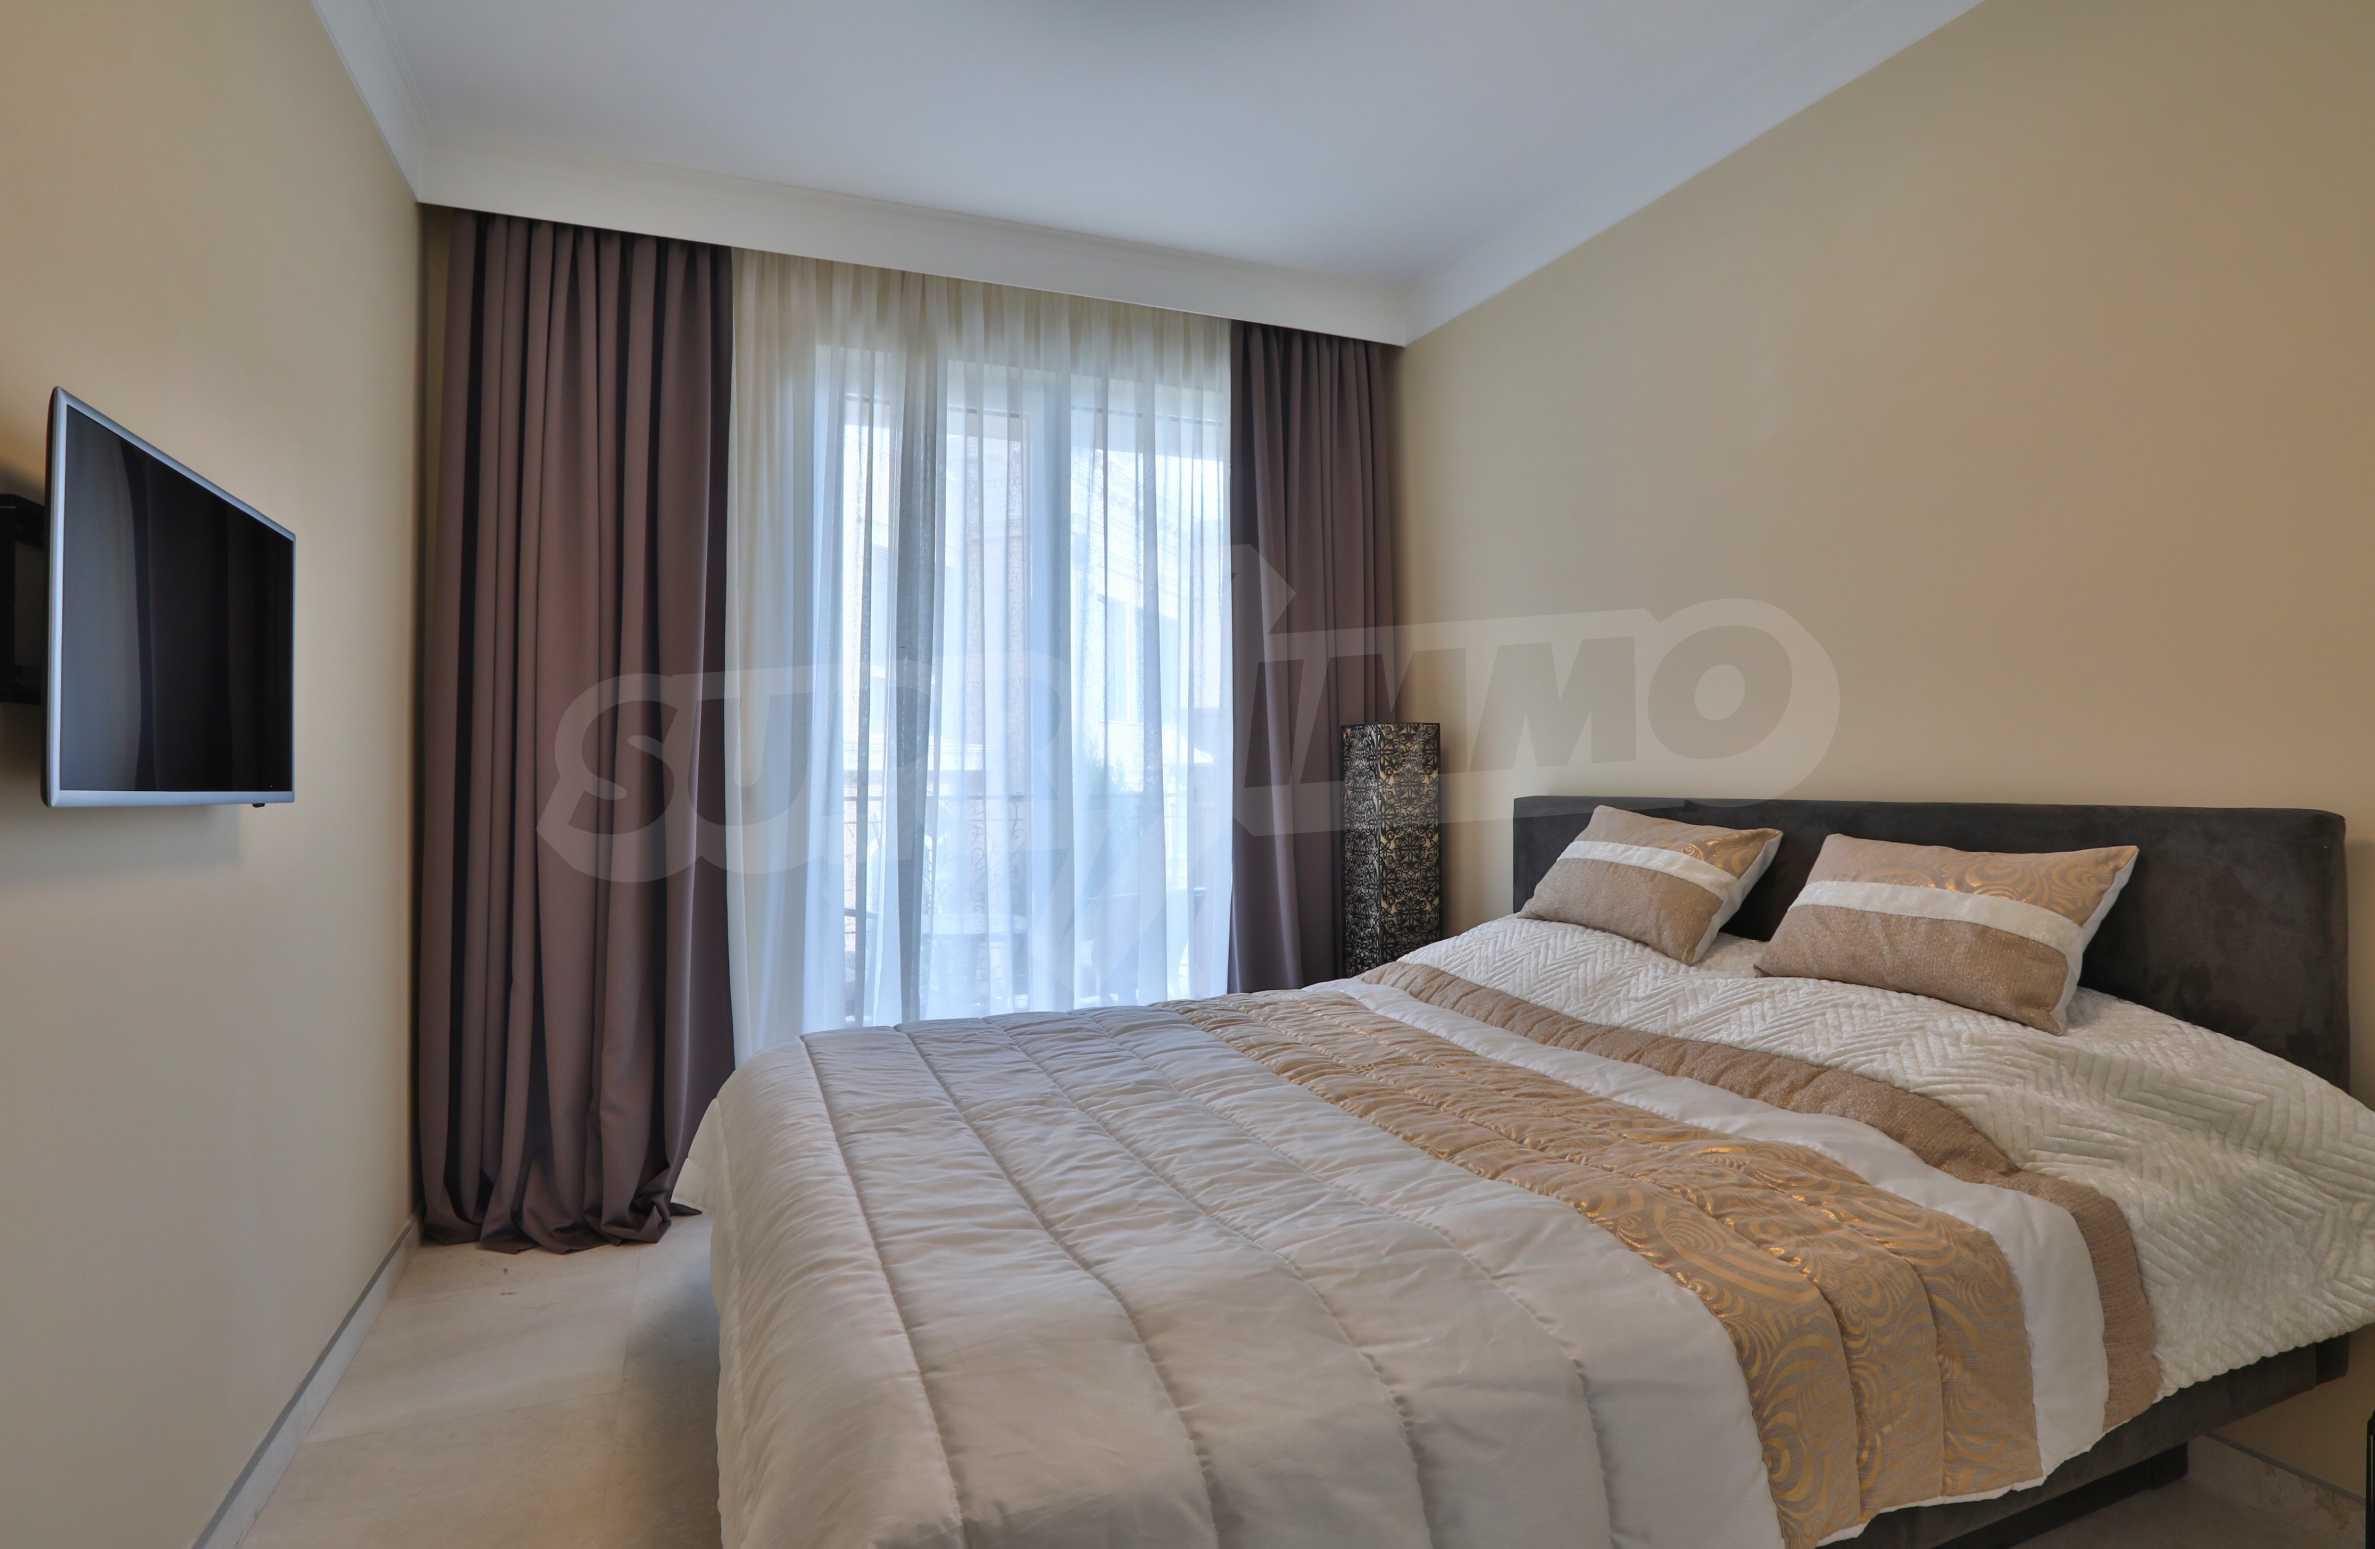 Дизайнерски апартамент с 2 спални в луксозната морска резиденция Belle Époque в Лозенец 17